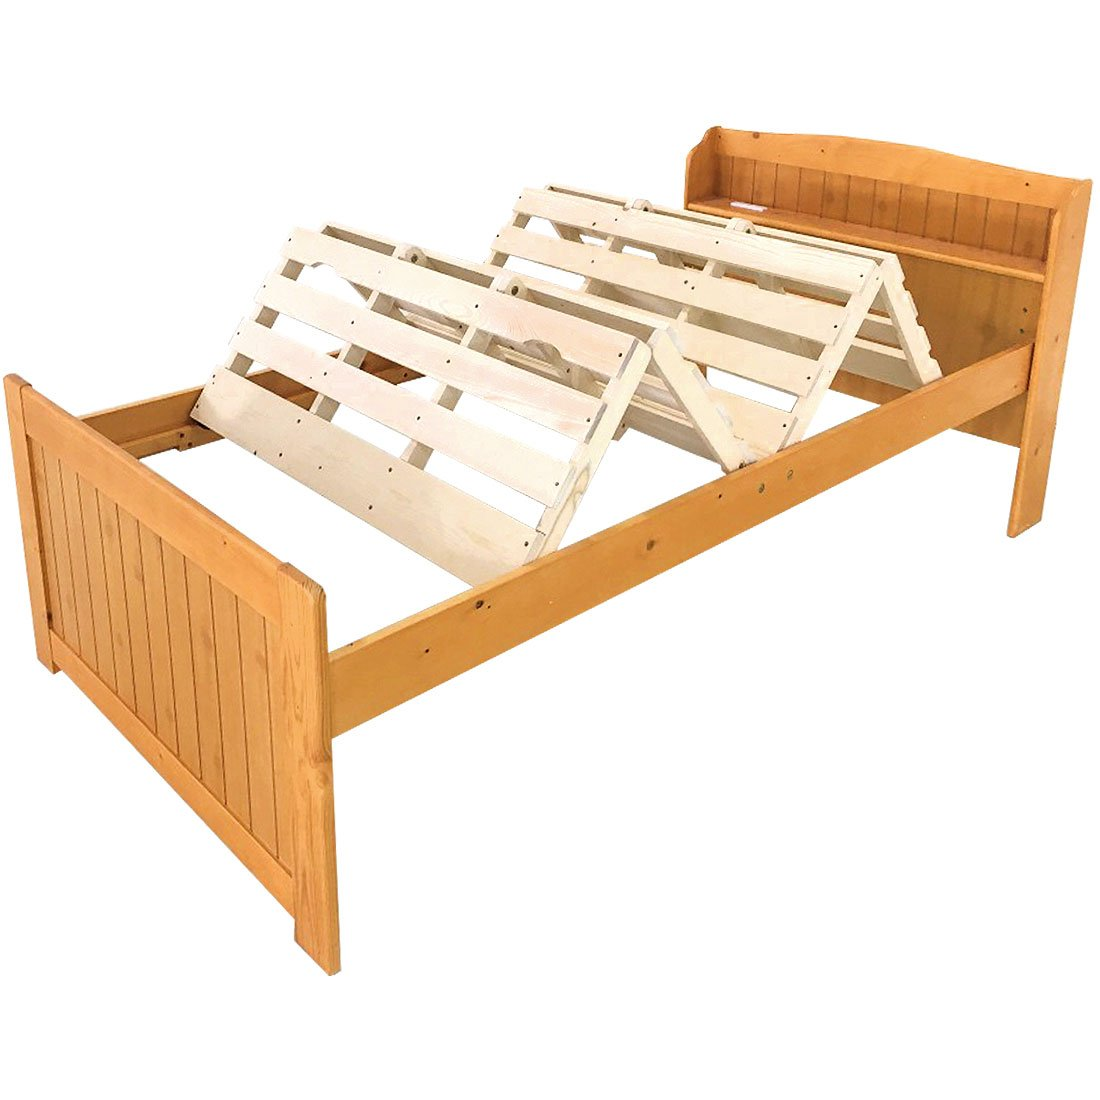 タンスのゲン 布団が干せる 宮付き すのこベッド シングル 3段階高さ調節 2口コンセント付 耐荷重120㎏ 北欧 おしゃれ カントリー ナチュラル 4960000500 【大型商品】 B078WS4GWP